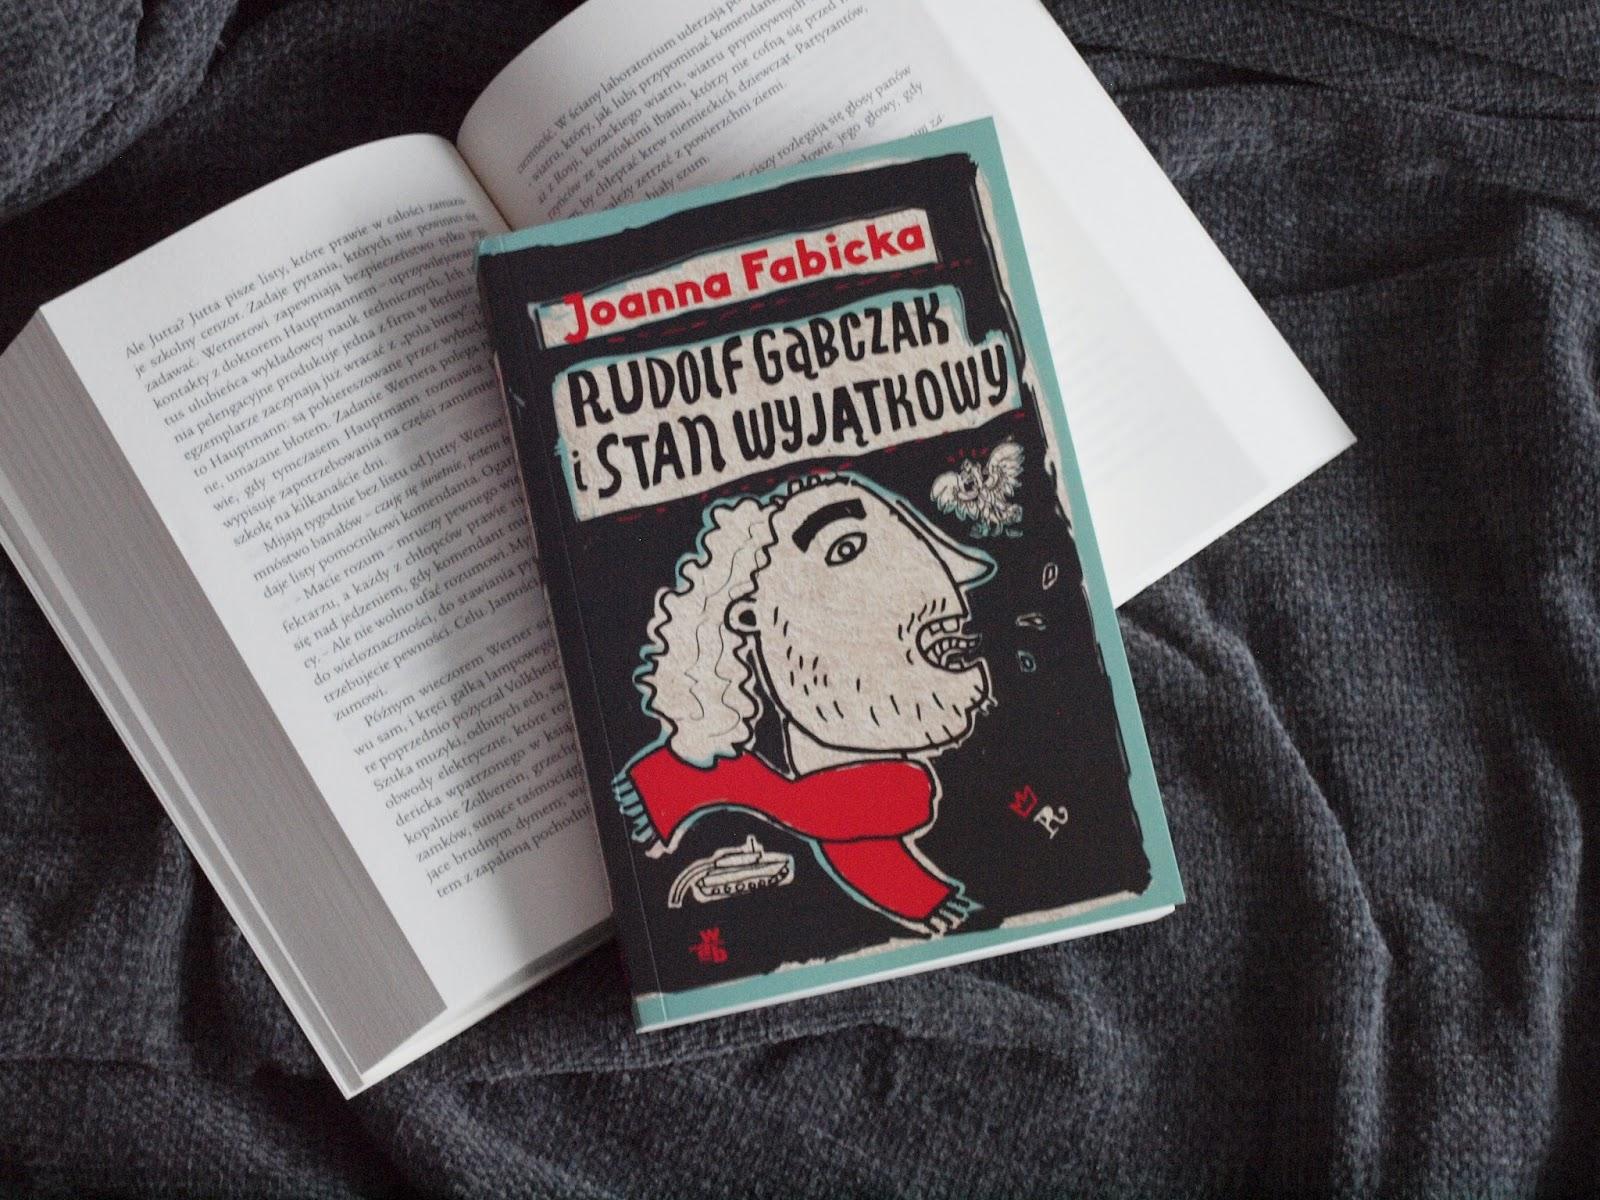 Rudolf Gąbczak i stan wyjątkowy - Joanna Fabicka